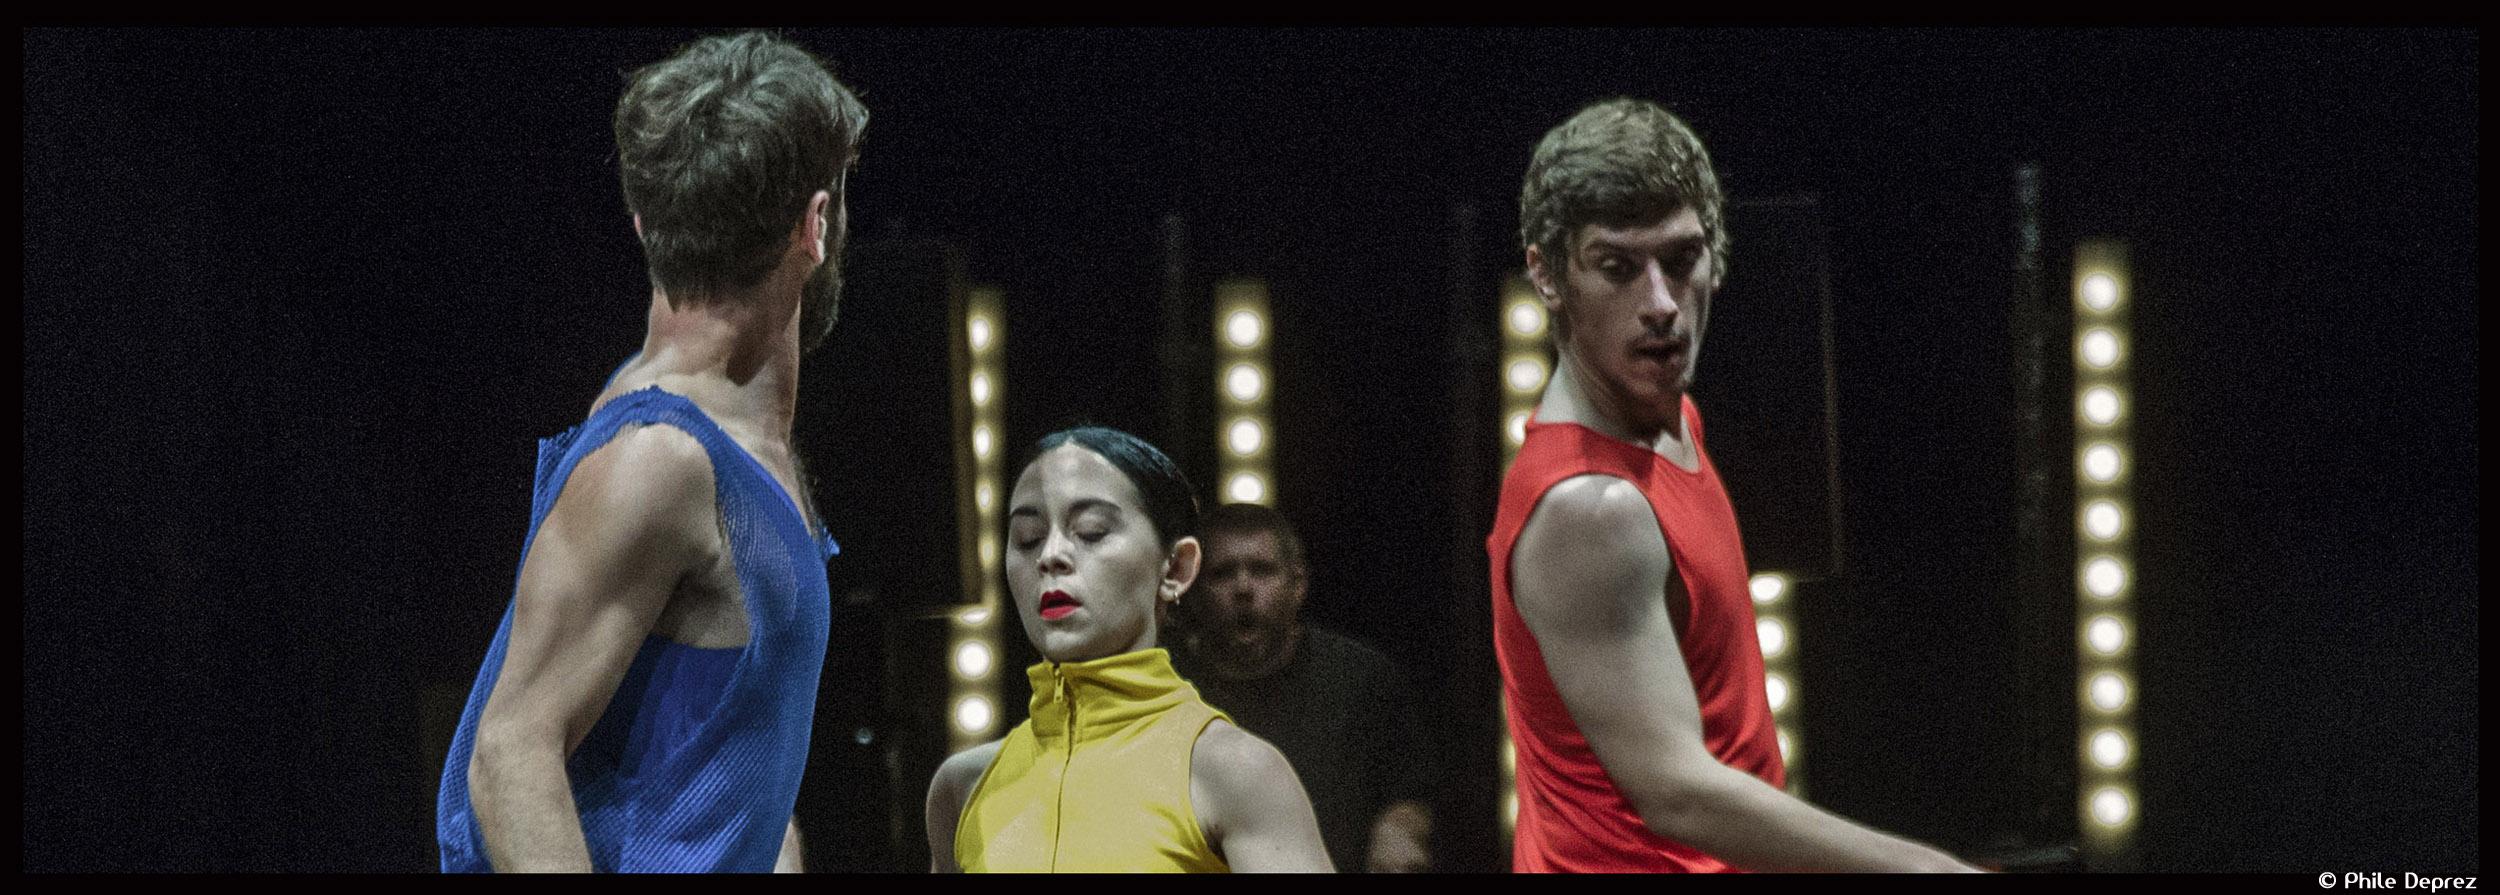 Couv_RULEOFTHREE_Jan Martens_theatre de la ville-©PhileDeprez_3_@loeildoliv